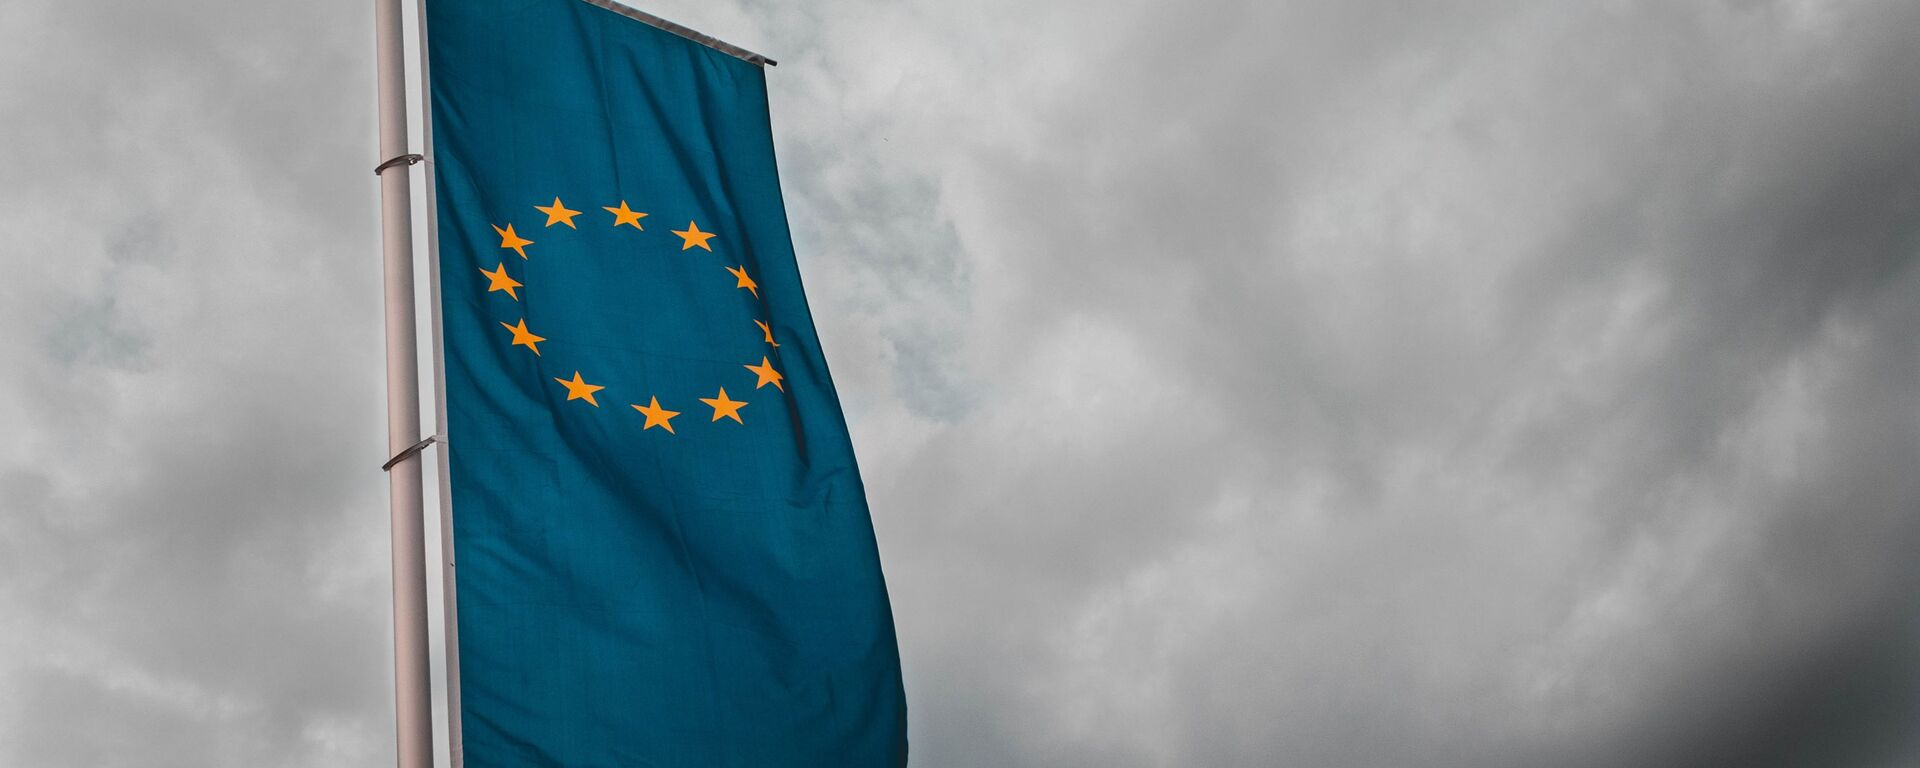 Bandera de la Unión Europea - Sputnik Mundo, 1920, 21.12.2020